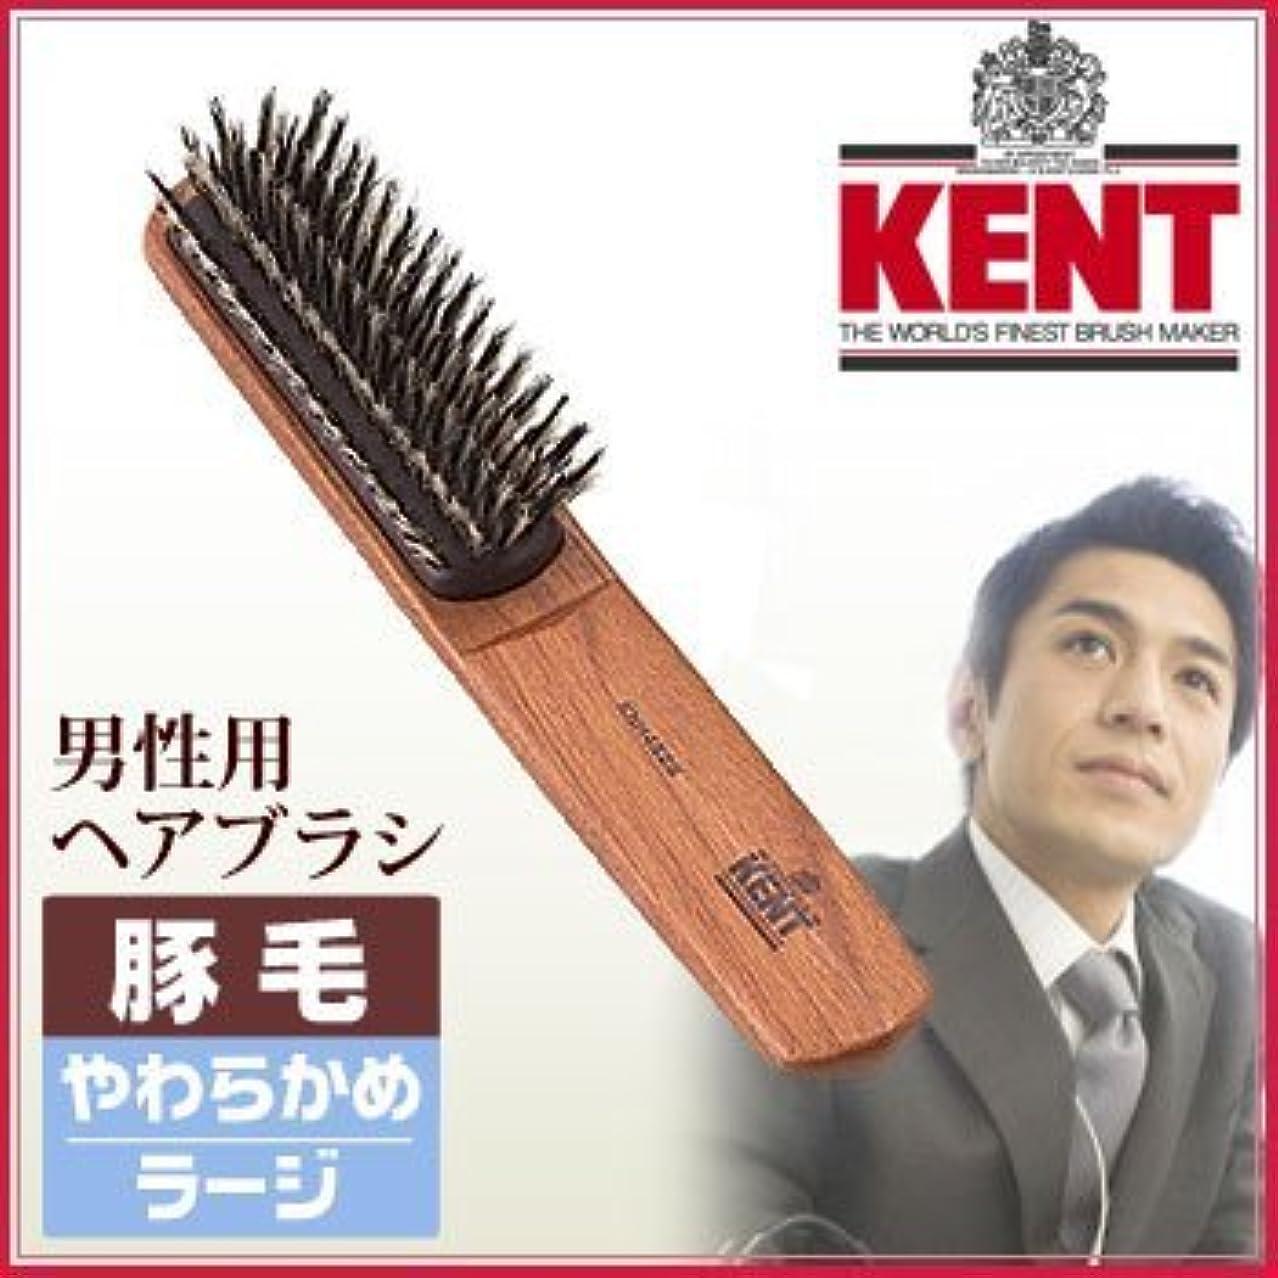 最小化する欺難しいKENT メンズ トリプレックスブラシ[ラージサイズ/豚毛やわらかめ]KNH-4628ケント